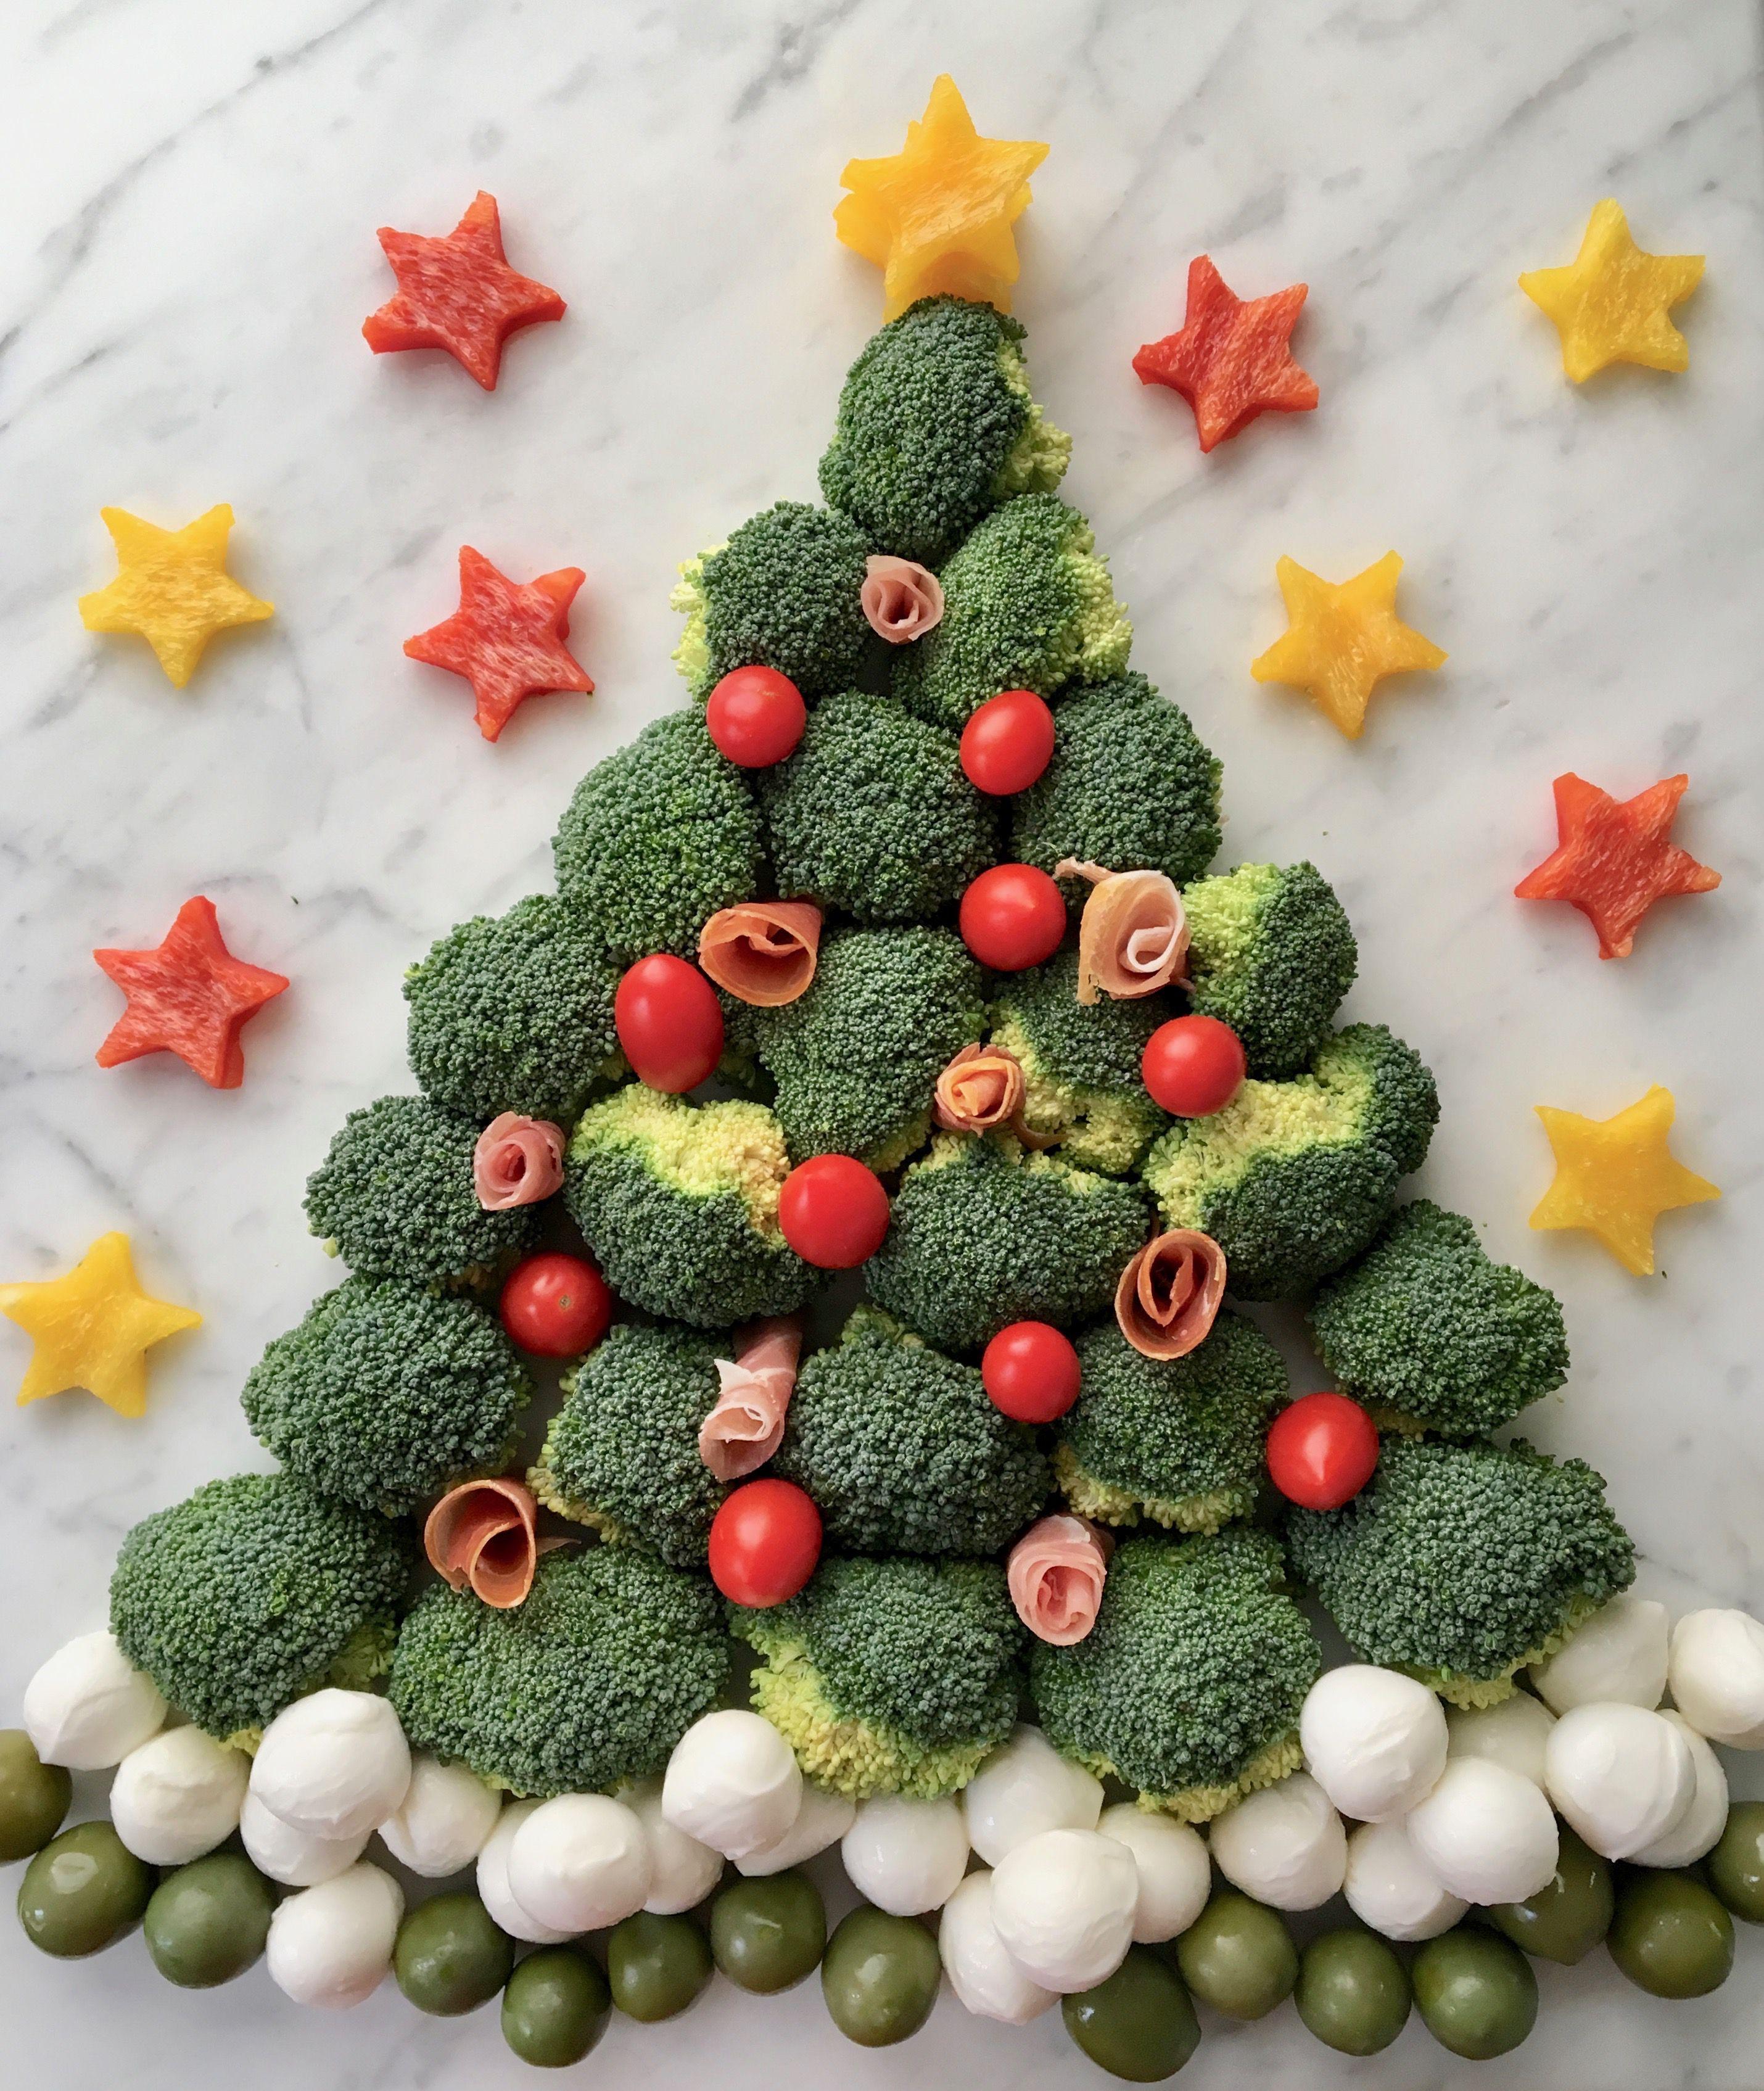 Veggie Christmas Tree Recipe: How To Make A Crudité Christmas Tree